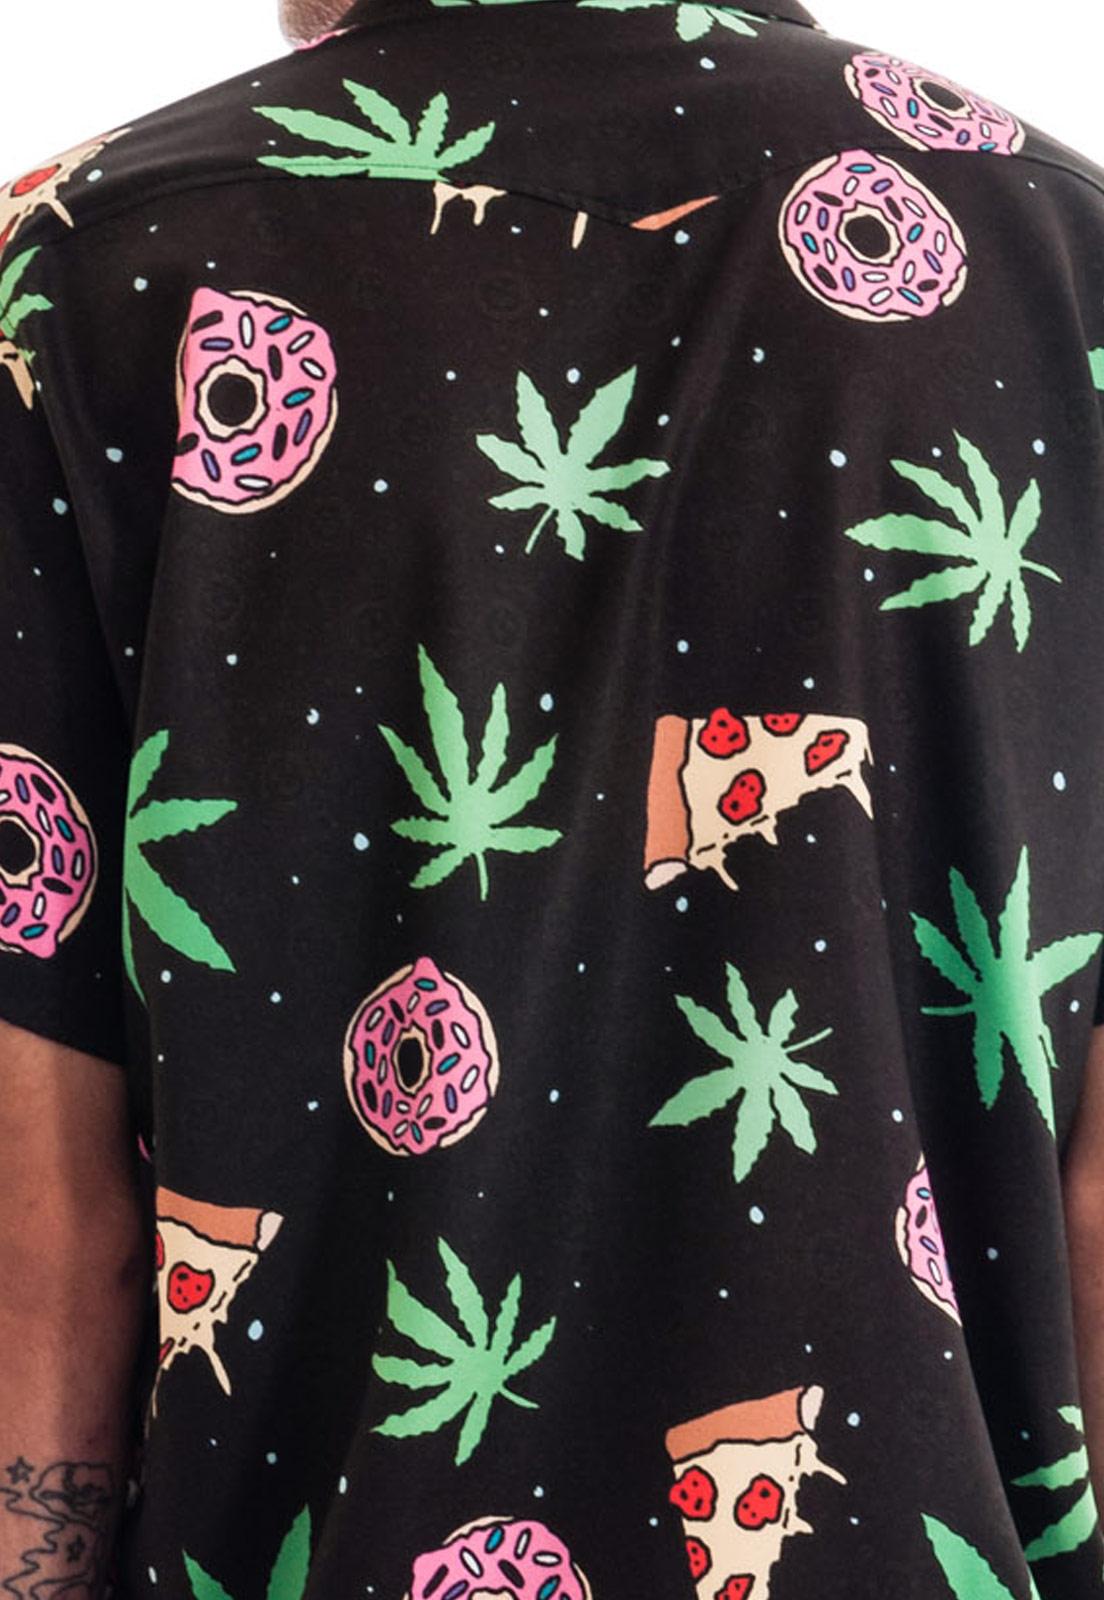 Camisa Estampada Legalize Sem Gênero ElephunK Black Mary Jane Preta